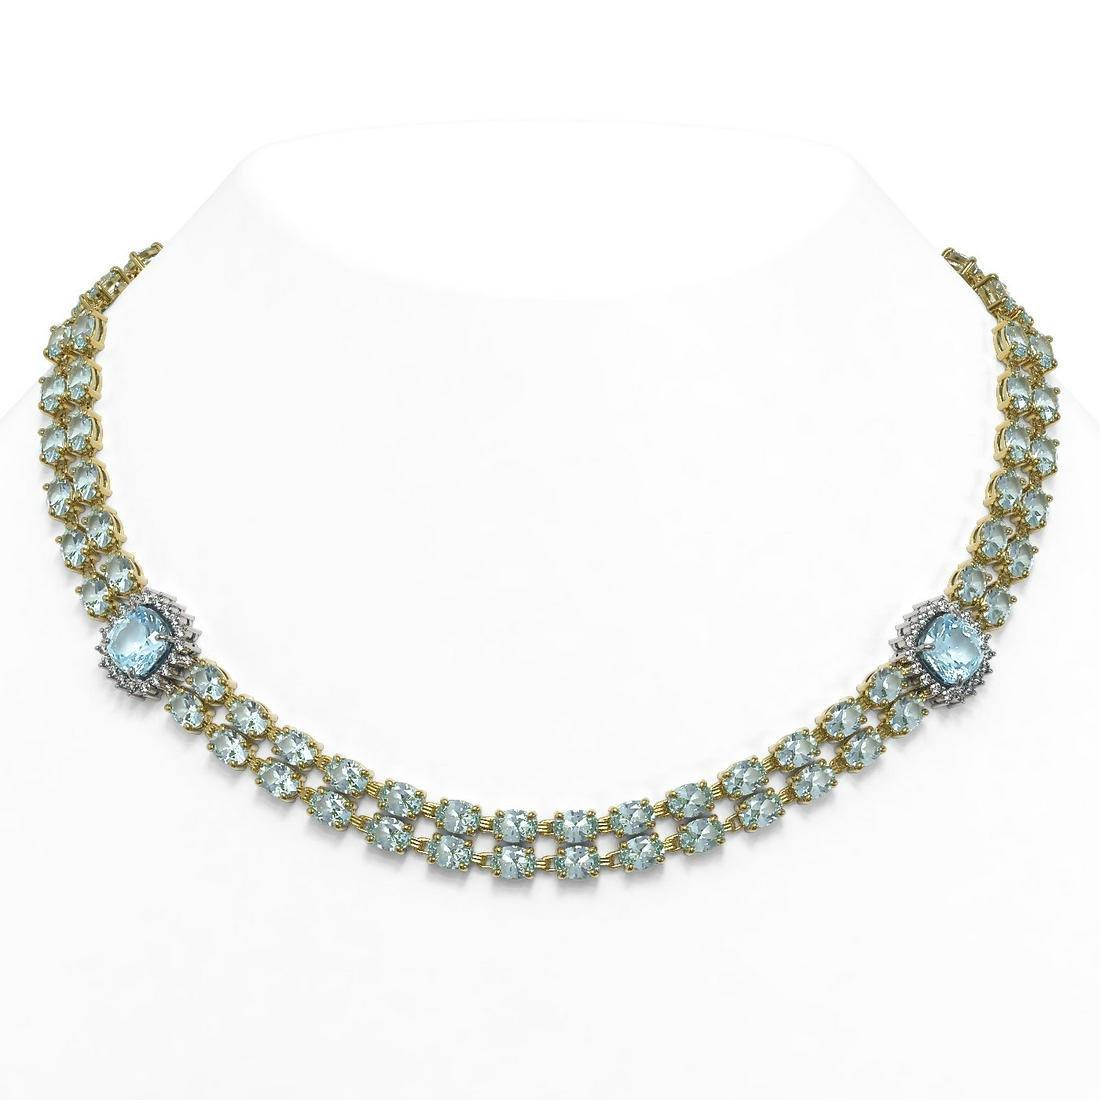 37.66 ctw Sky Topaz & Diamond Necklace 14K Yellow Gold